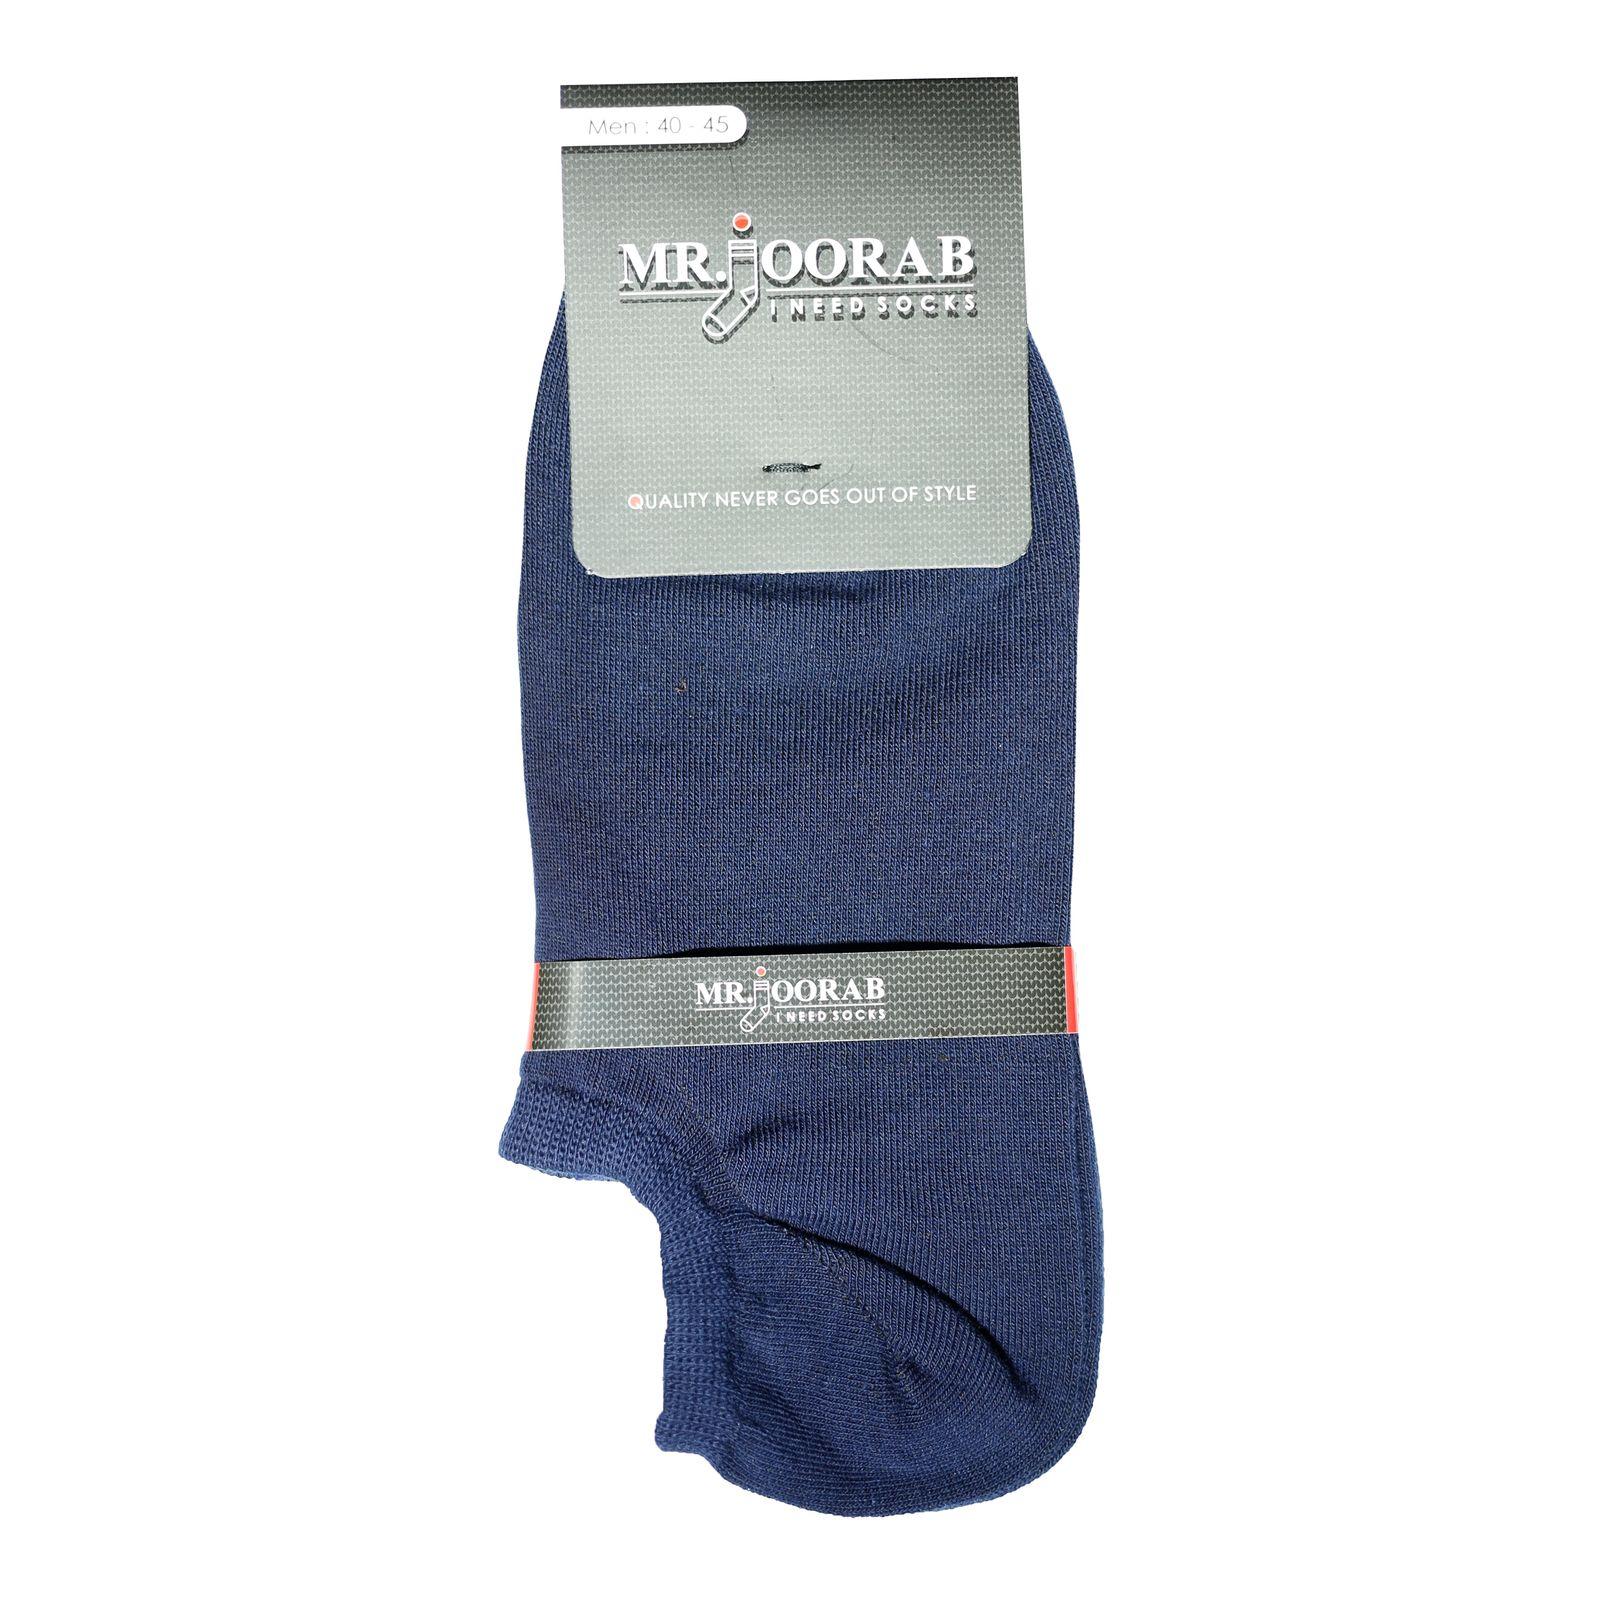 جوراب مردانه مستر جوراب کد BL-MRM 108 بسته 3 عددی -  - 3